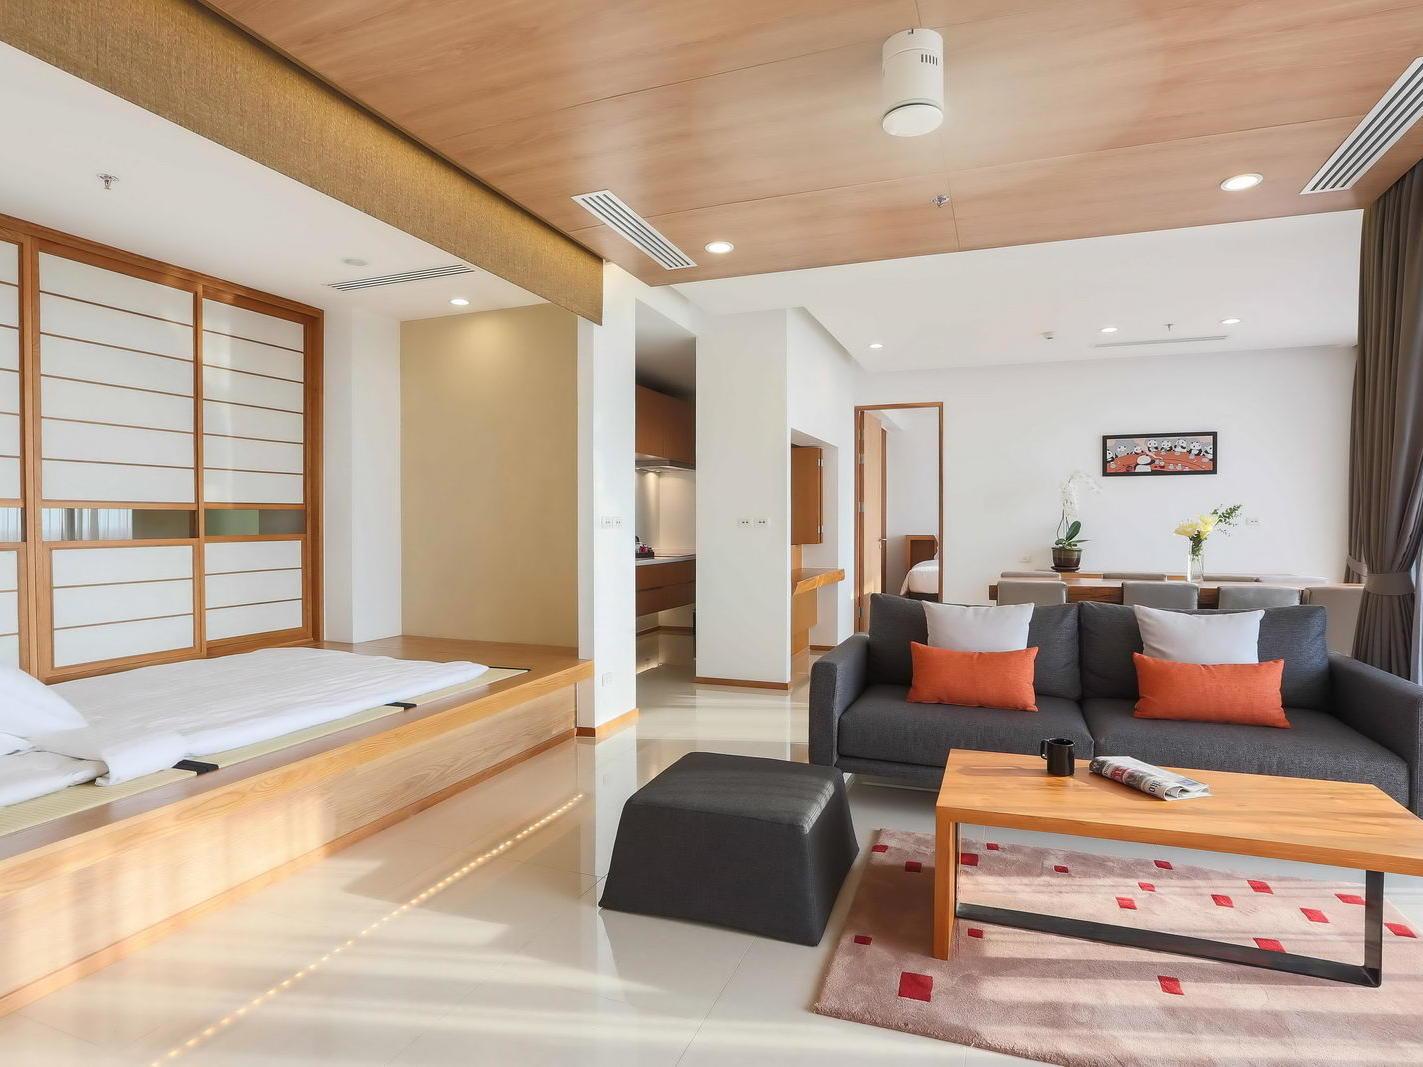 Living Room - Eastin Hotel